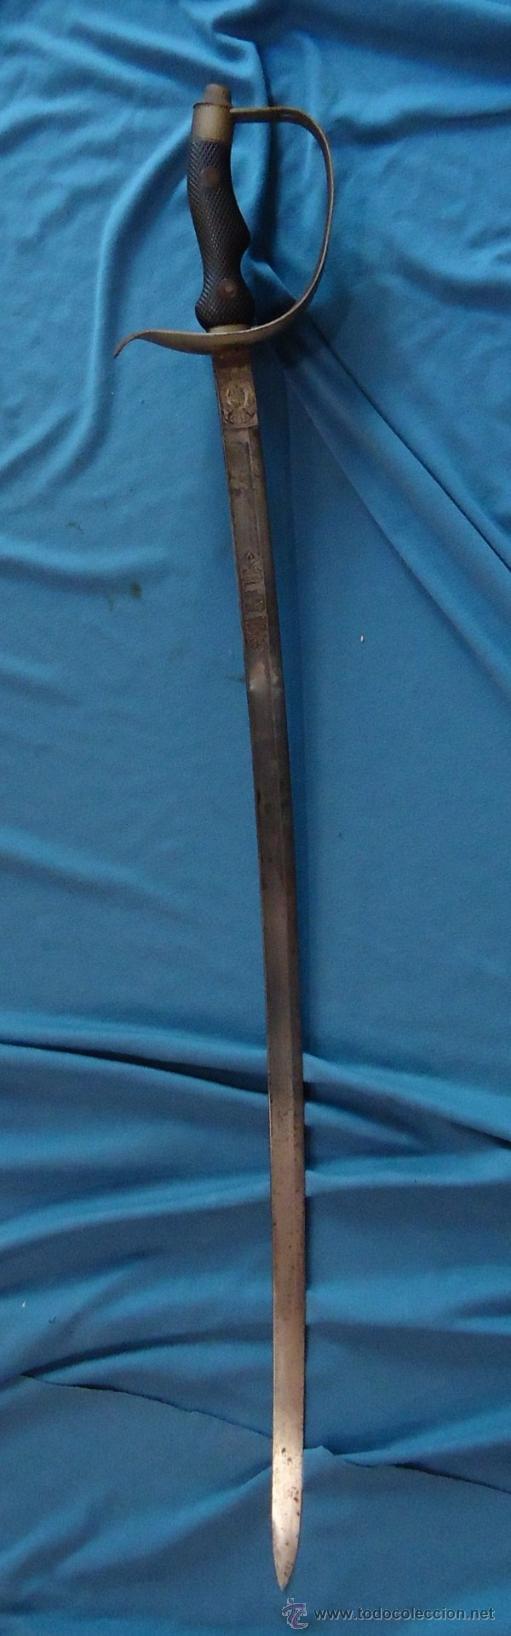 Militaria: España. Sable modelo Robert. Oficial de Institutos Montados. Modelo 1895. Artillería. - Foto 4 - 31709549